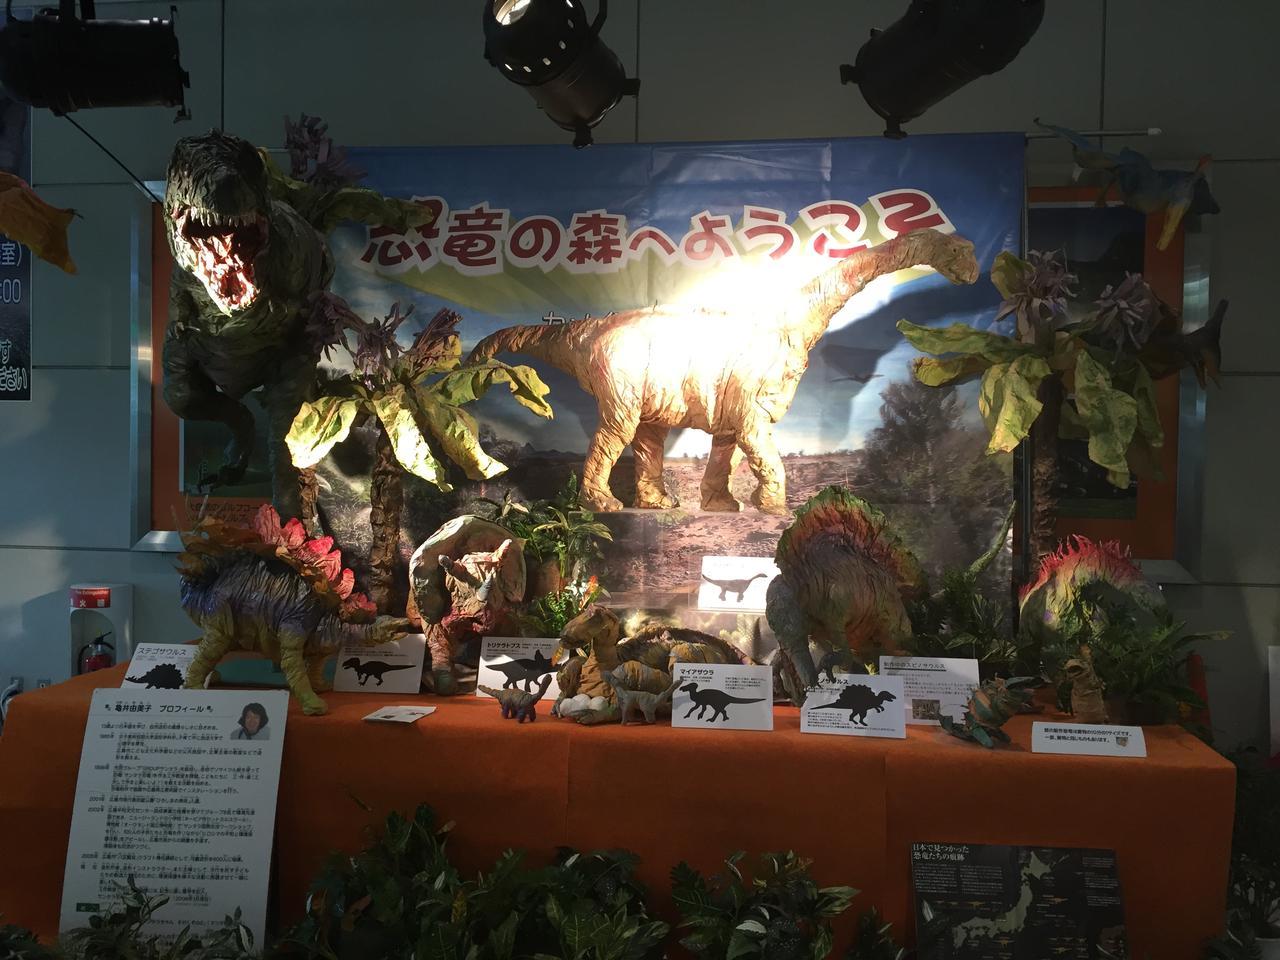 画像: 「エアポート恐竜ワールド」広島空港で展示してある作品。